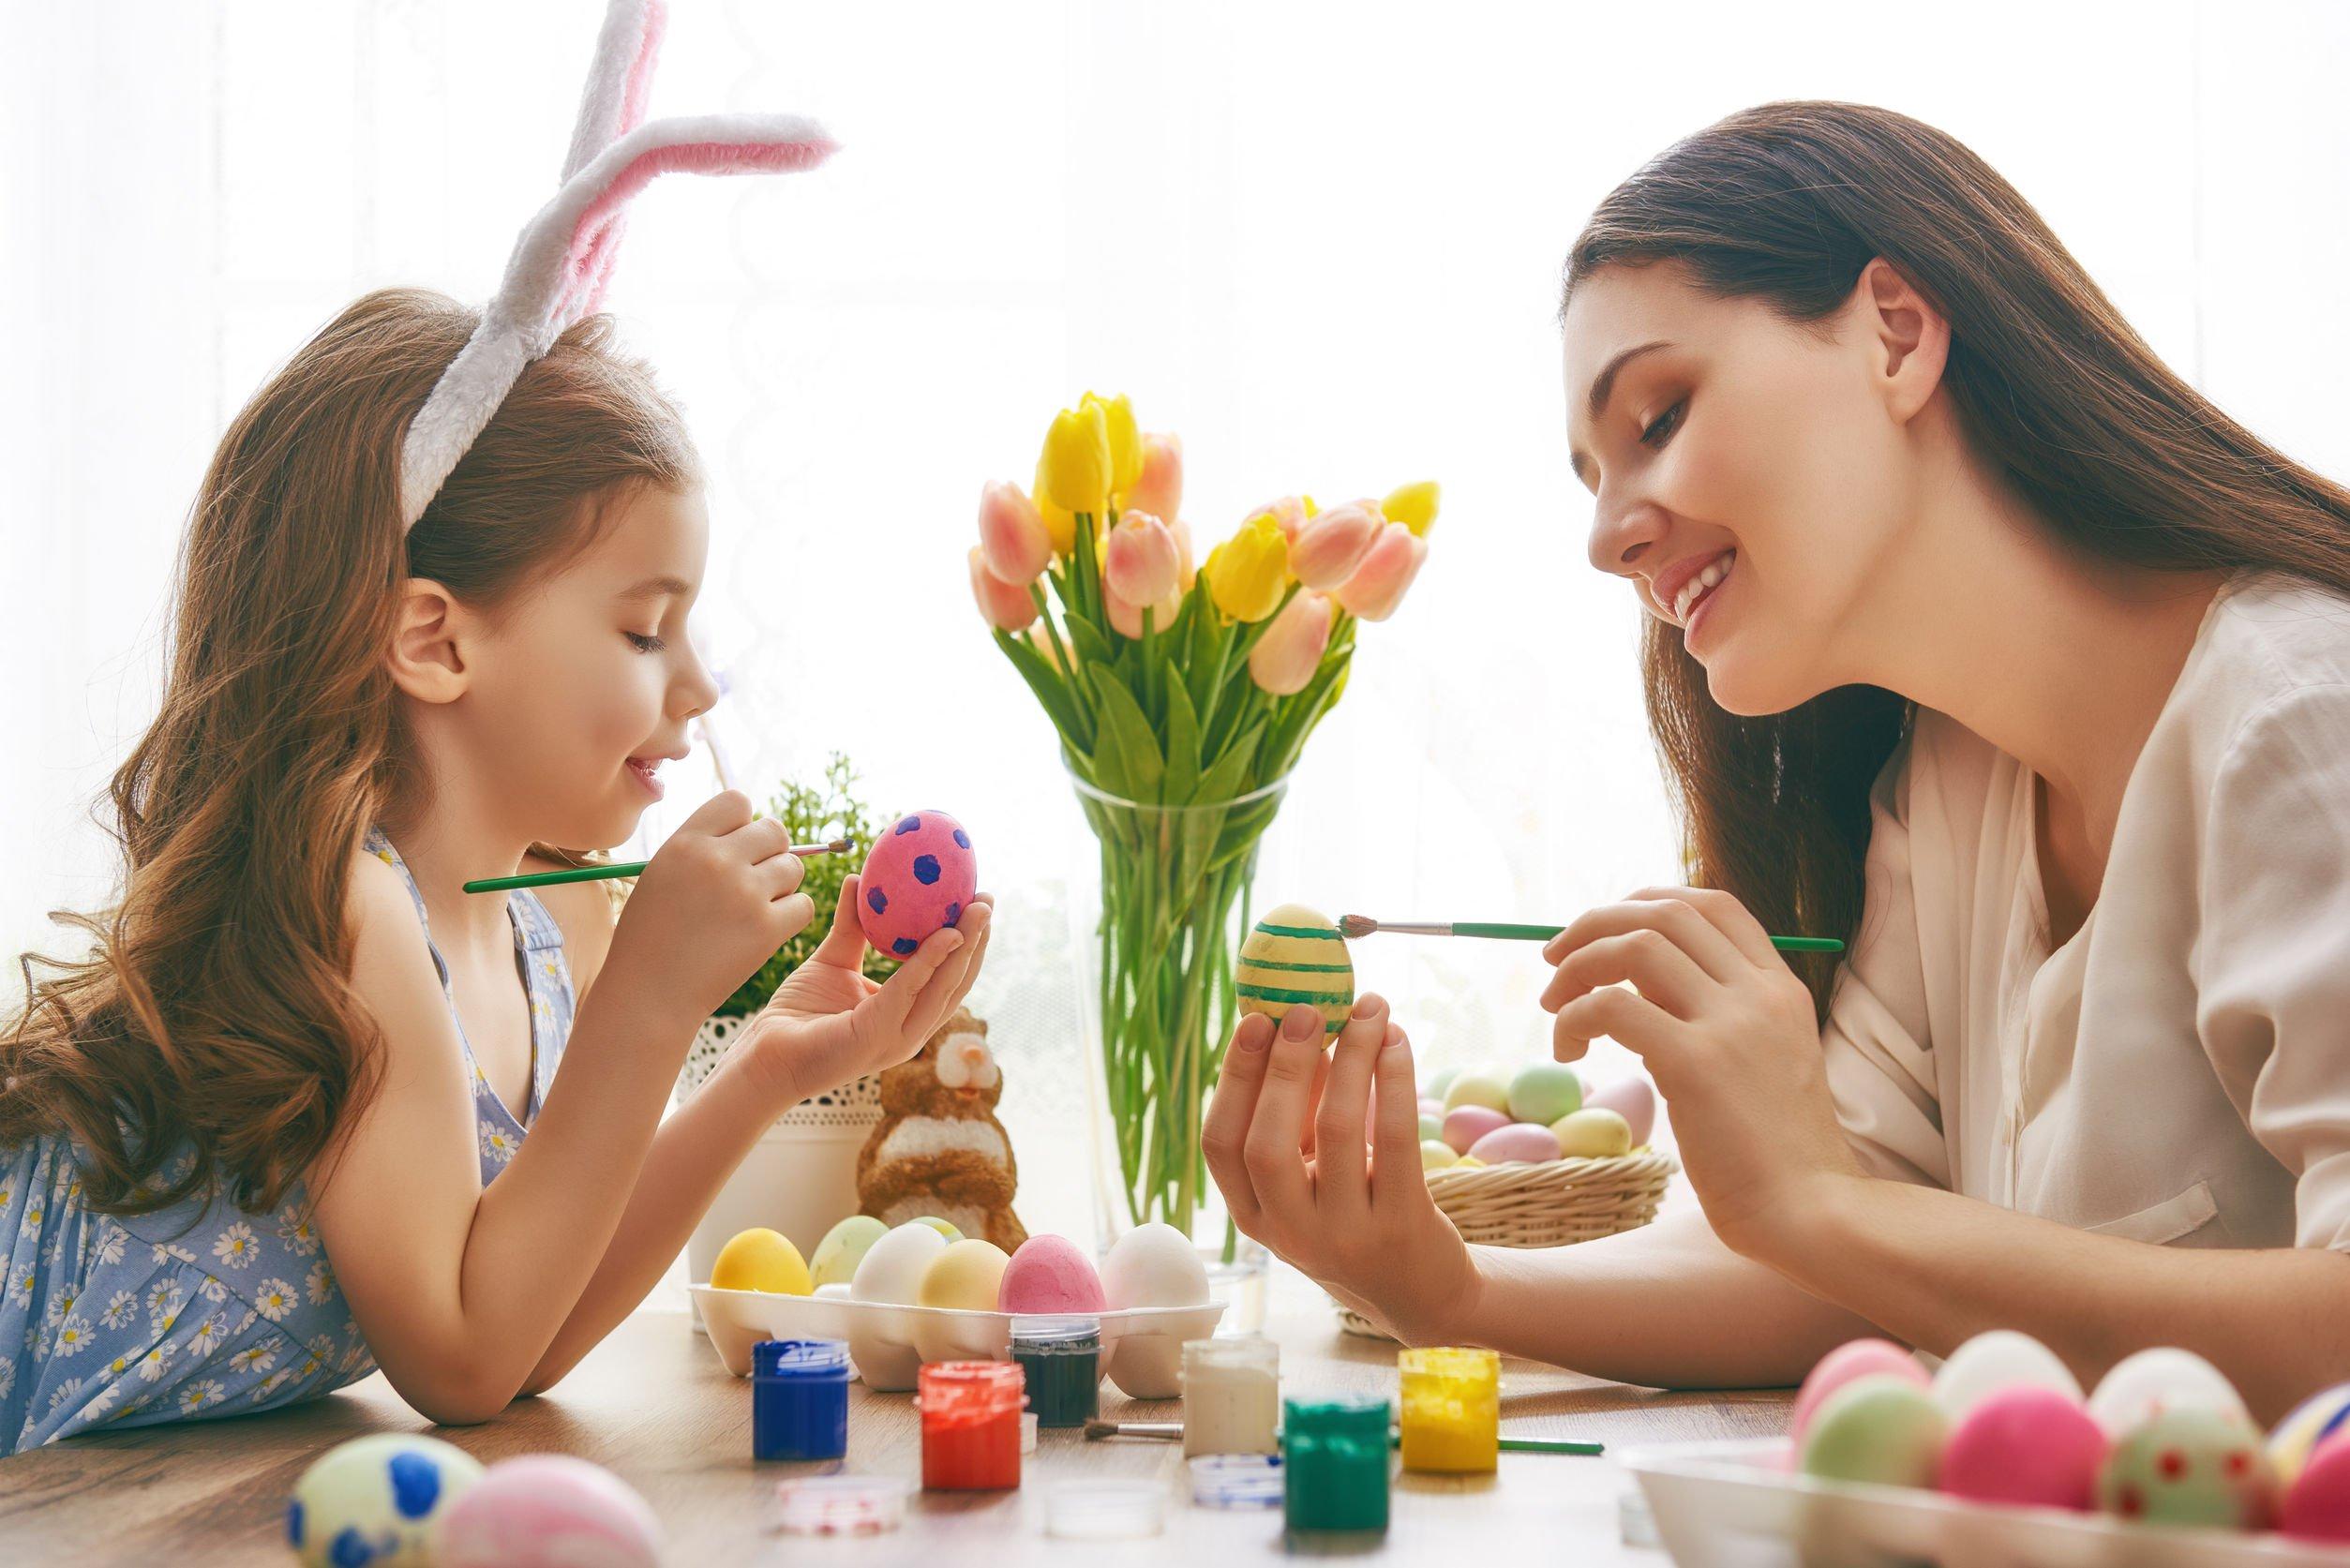 Всероссийский конкурс творческих работ «Пасха - семейный праздник»